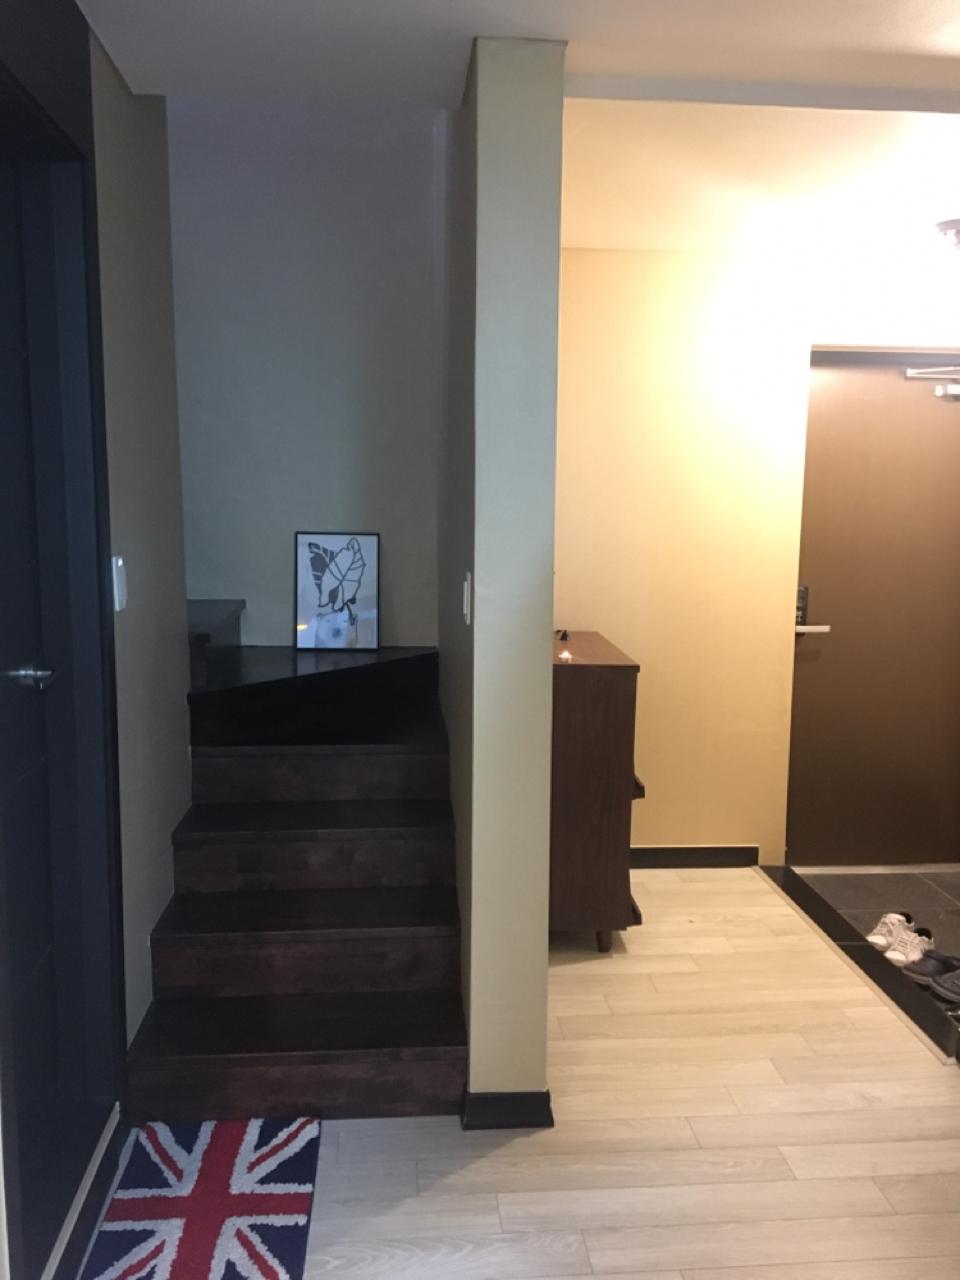 광교(법조타운) 투룸 복층 전세🥳🥳